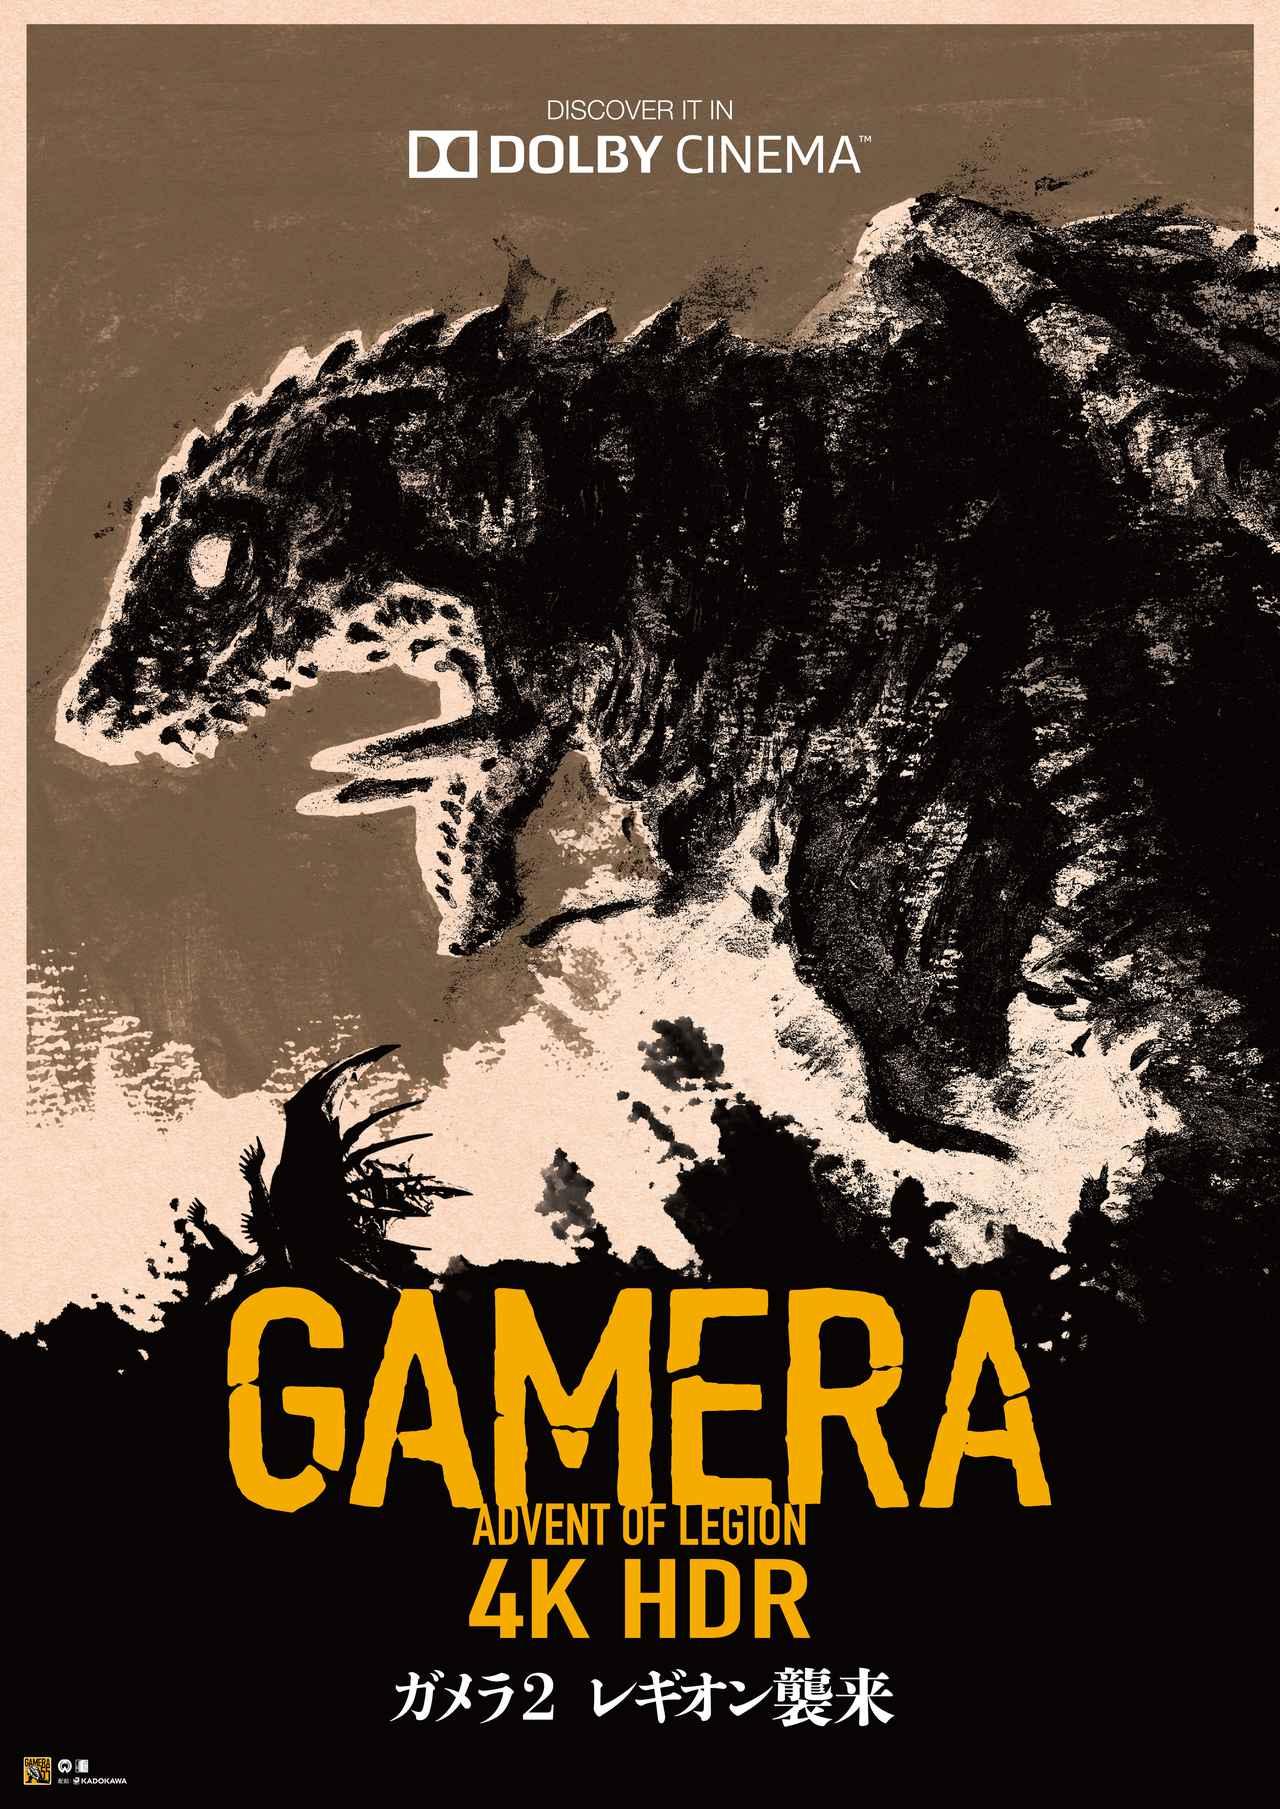 画像: 平成ガメラ3部作の第2作『ガメラ2 レギオン襲来』期間限定ドルビーシネマ上映決定!